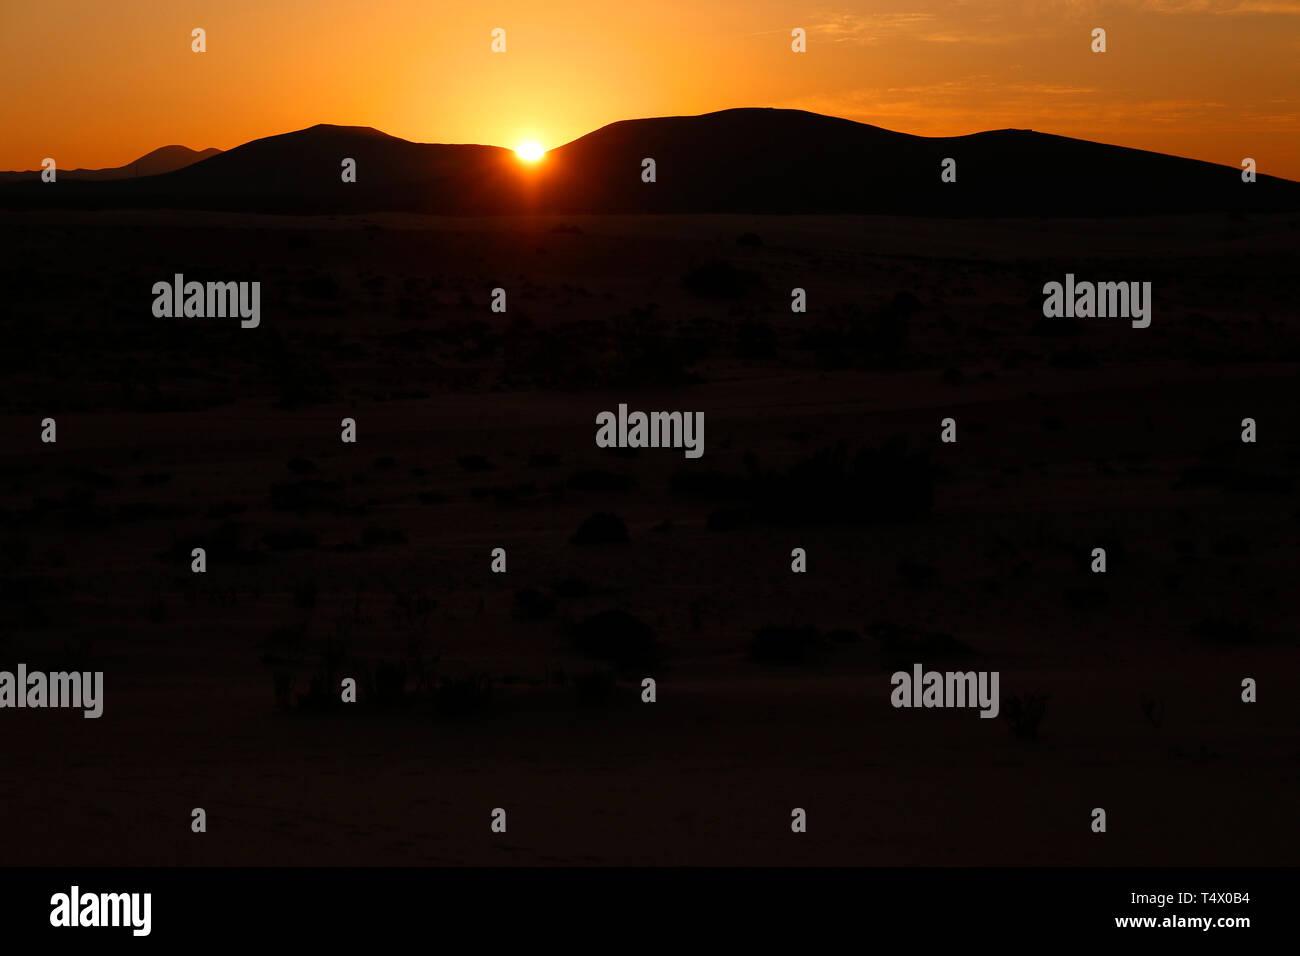 Impressionen: Sandduenen von Corralejo, Fuerteventura, Kanarische Inseln, Spanien/ sand dunes of Corralejo,Fuerteventura, Canary Islands, Spain  (nur  - Stock Image